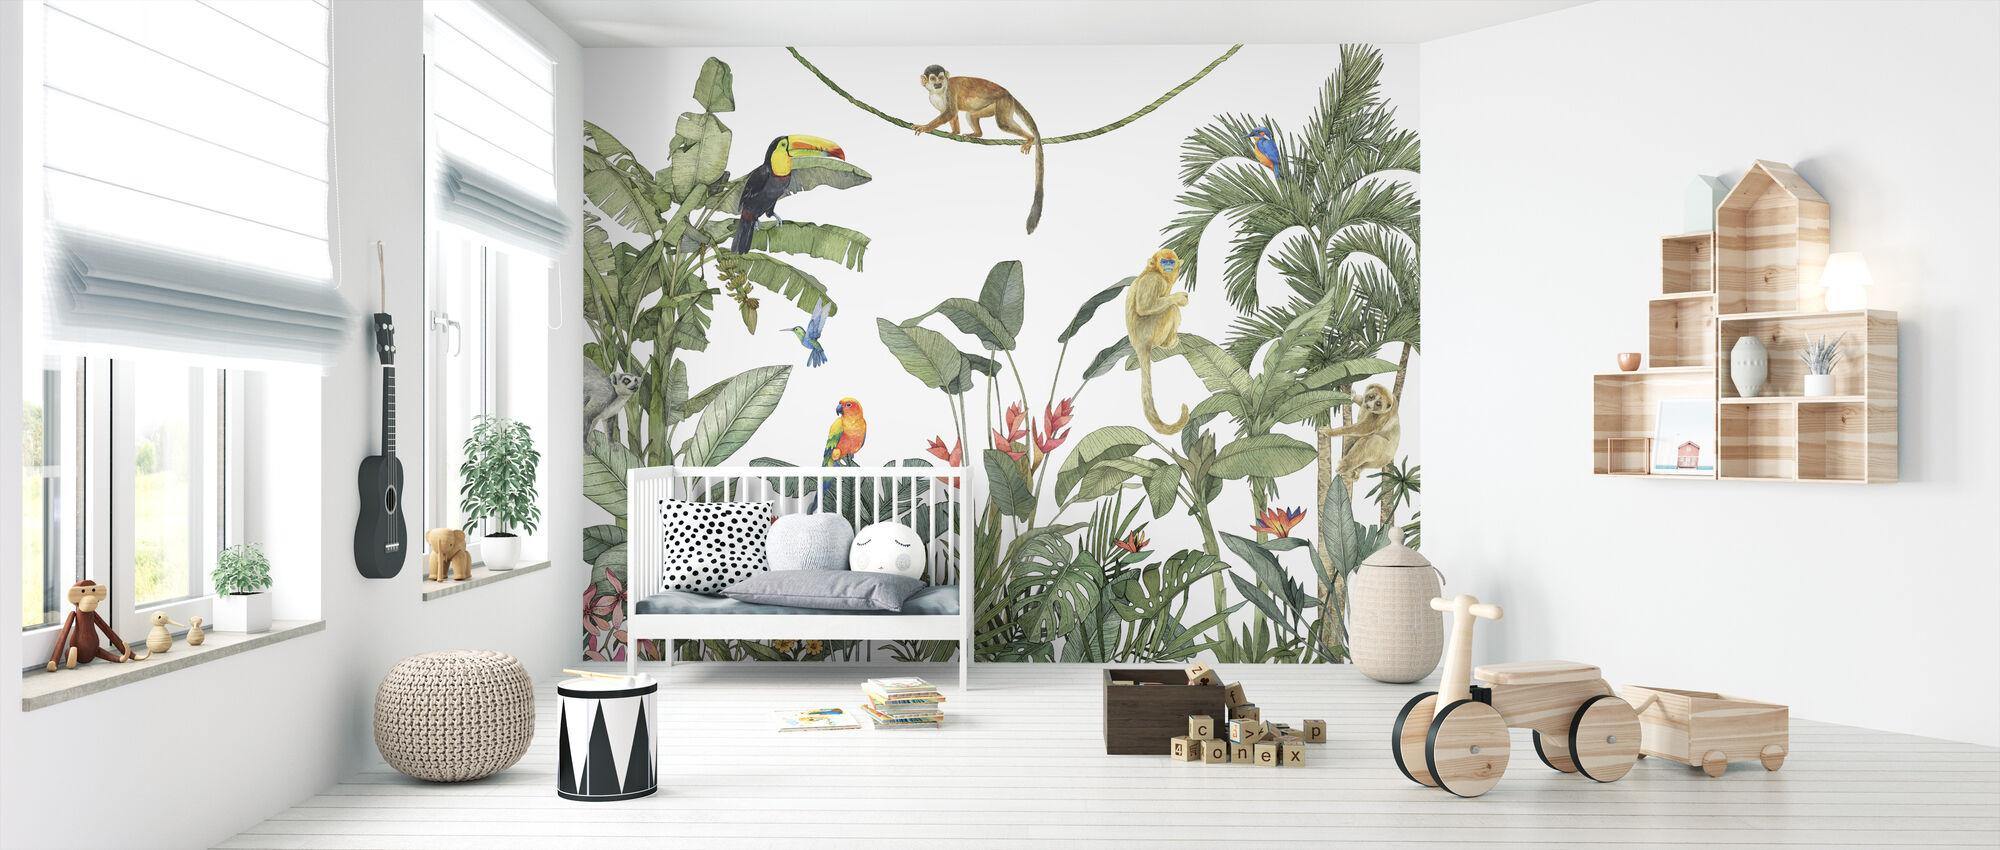 In Harmony - Wallpaper - Nursery